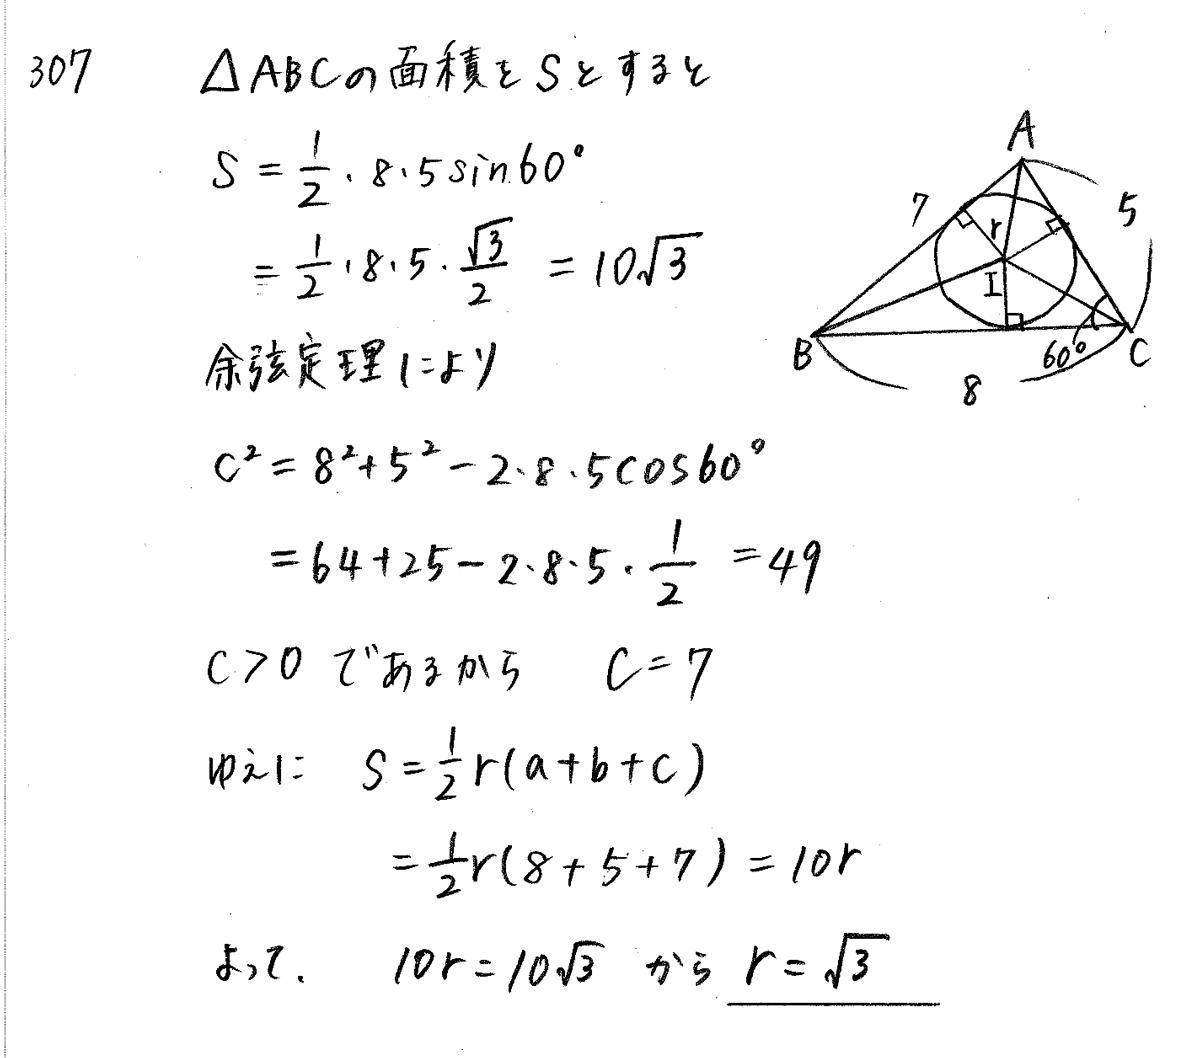 クリアー数学1-307解答